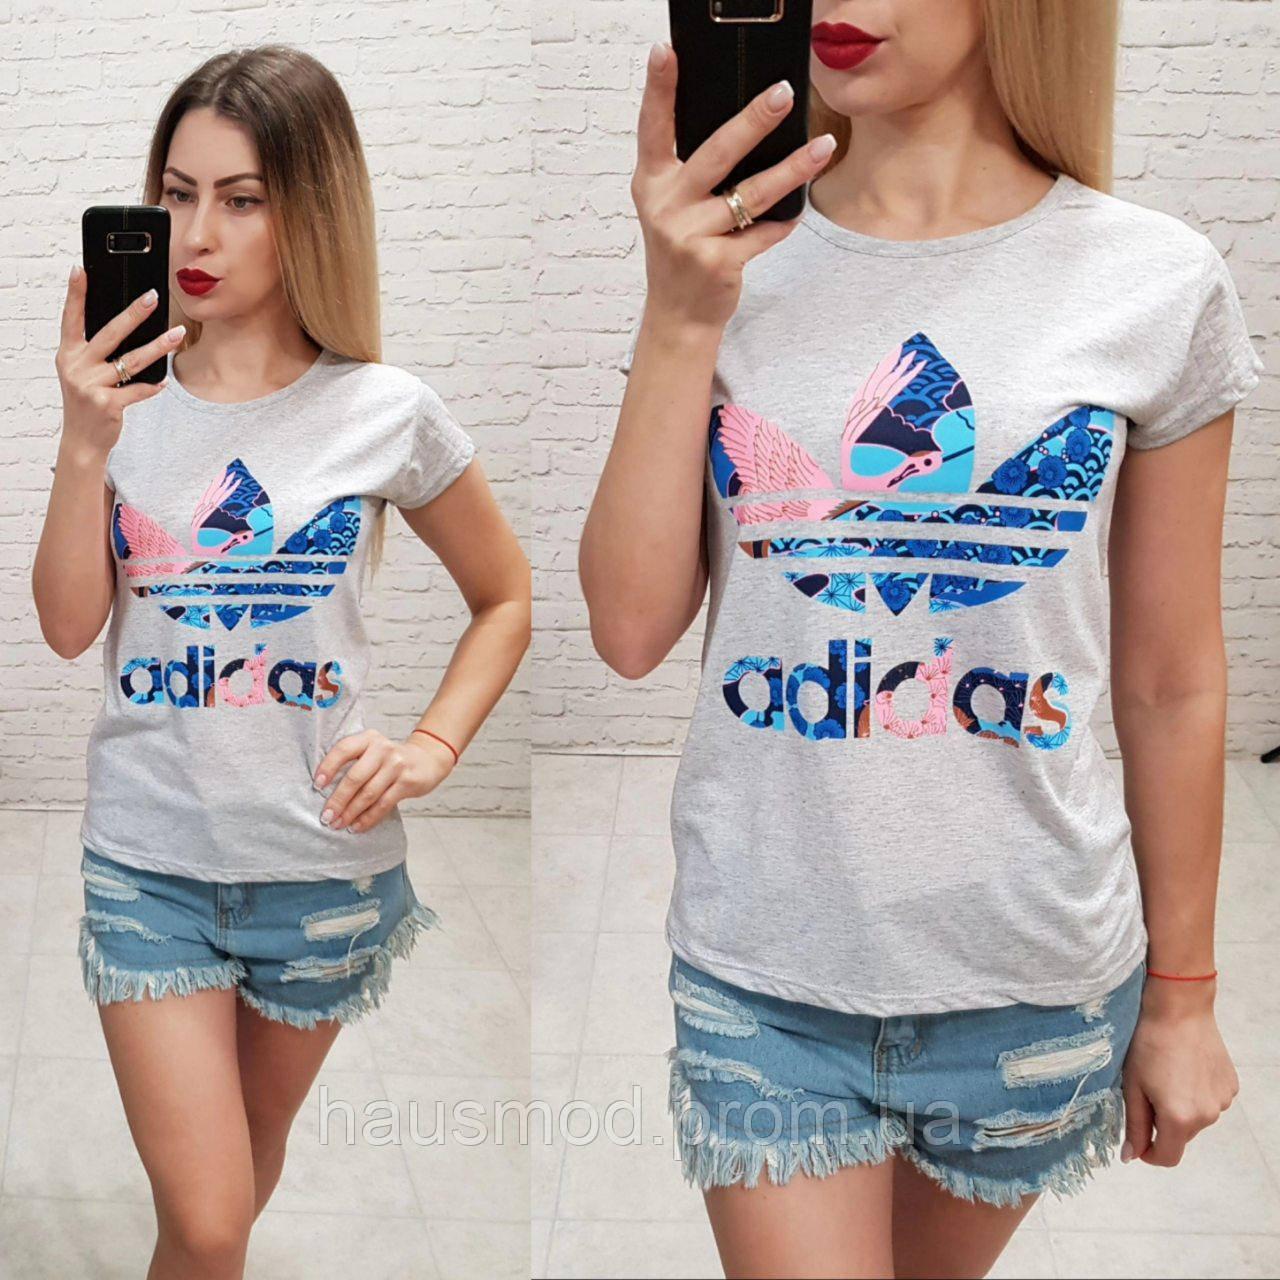 Женская футболка 100% катон реплика Adidas Турция цветной принт серая